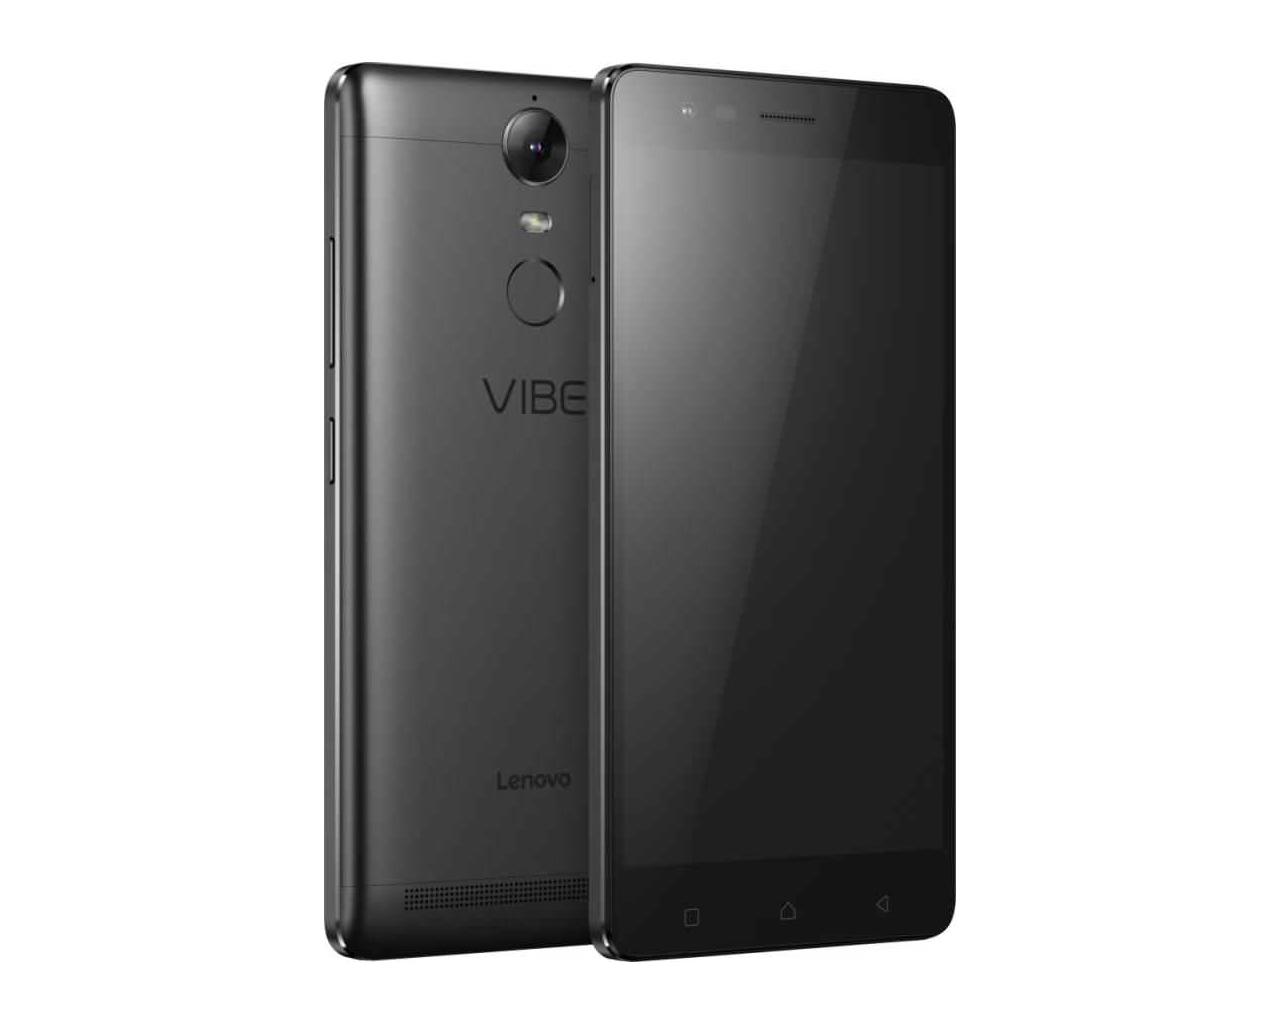 Lenovo Vibe K5 Note - Notebookcheck net External Reviews